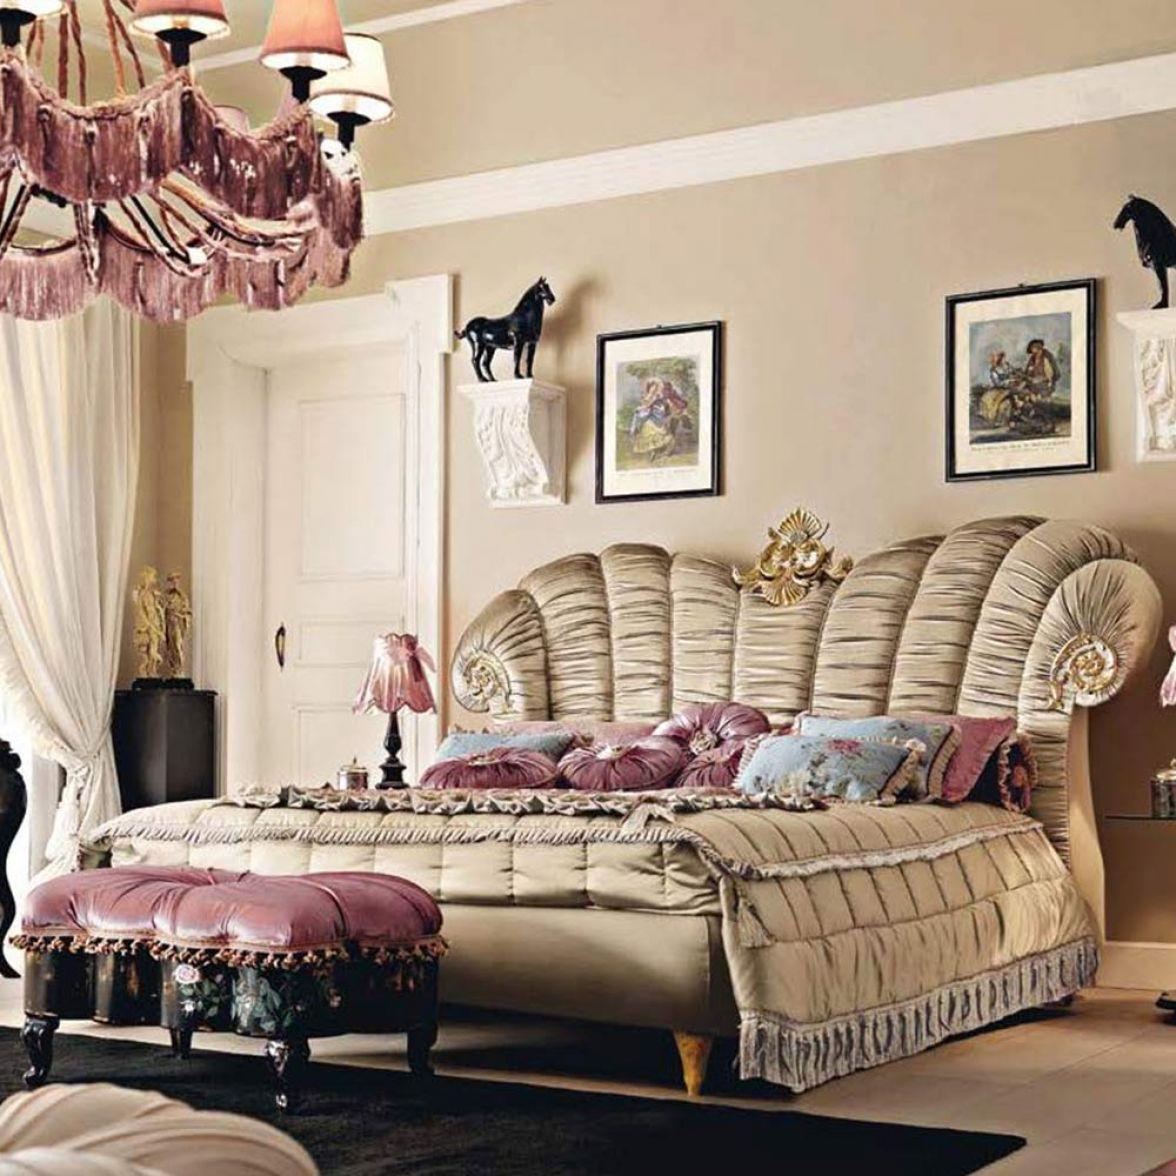 Vip Art bedroom